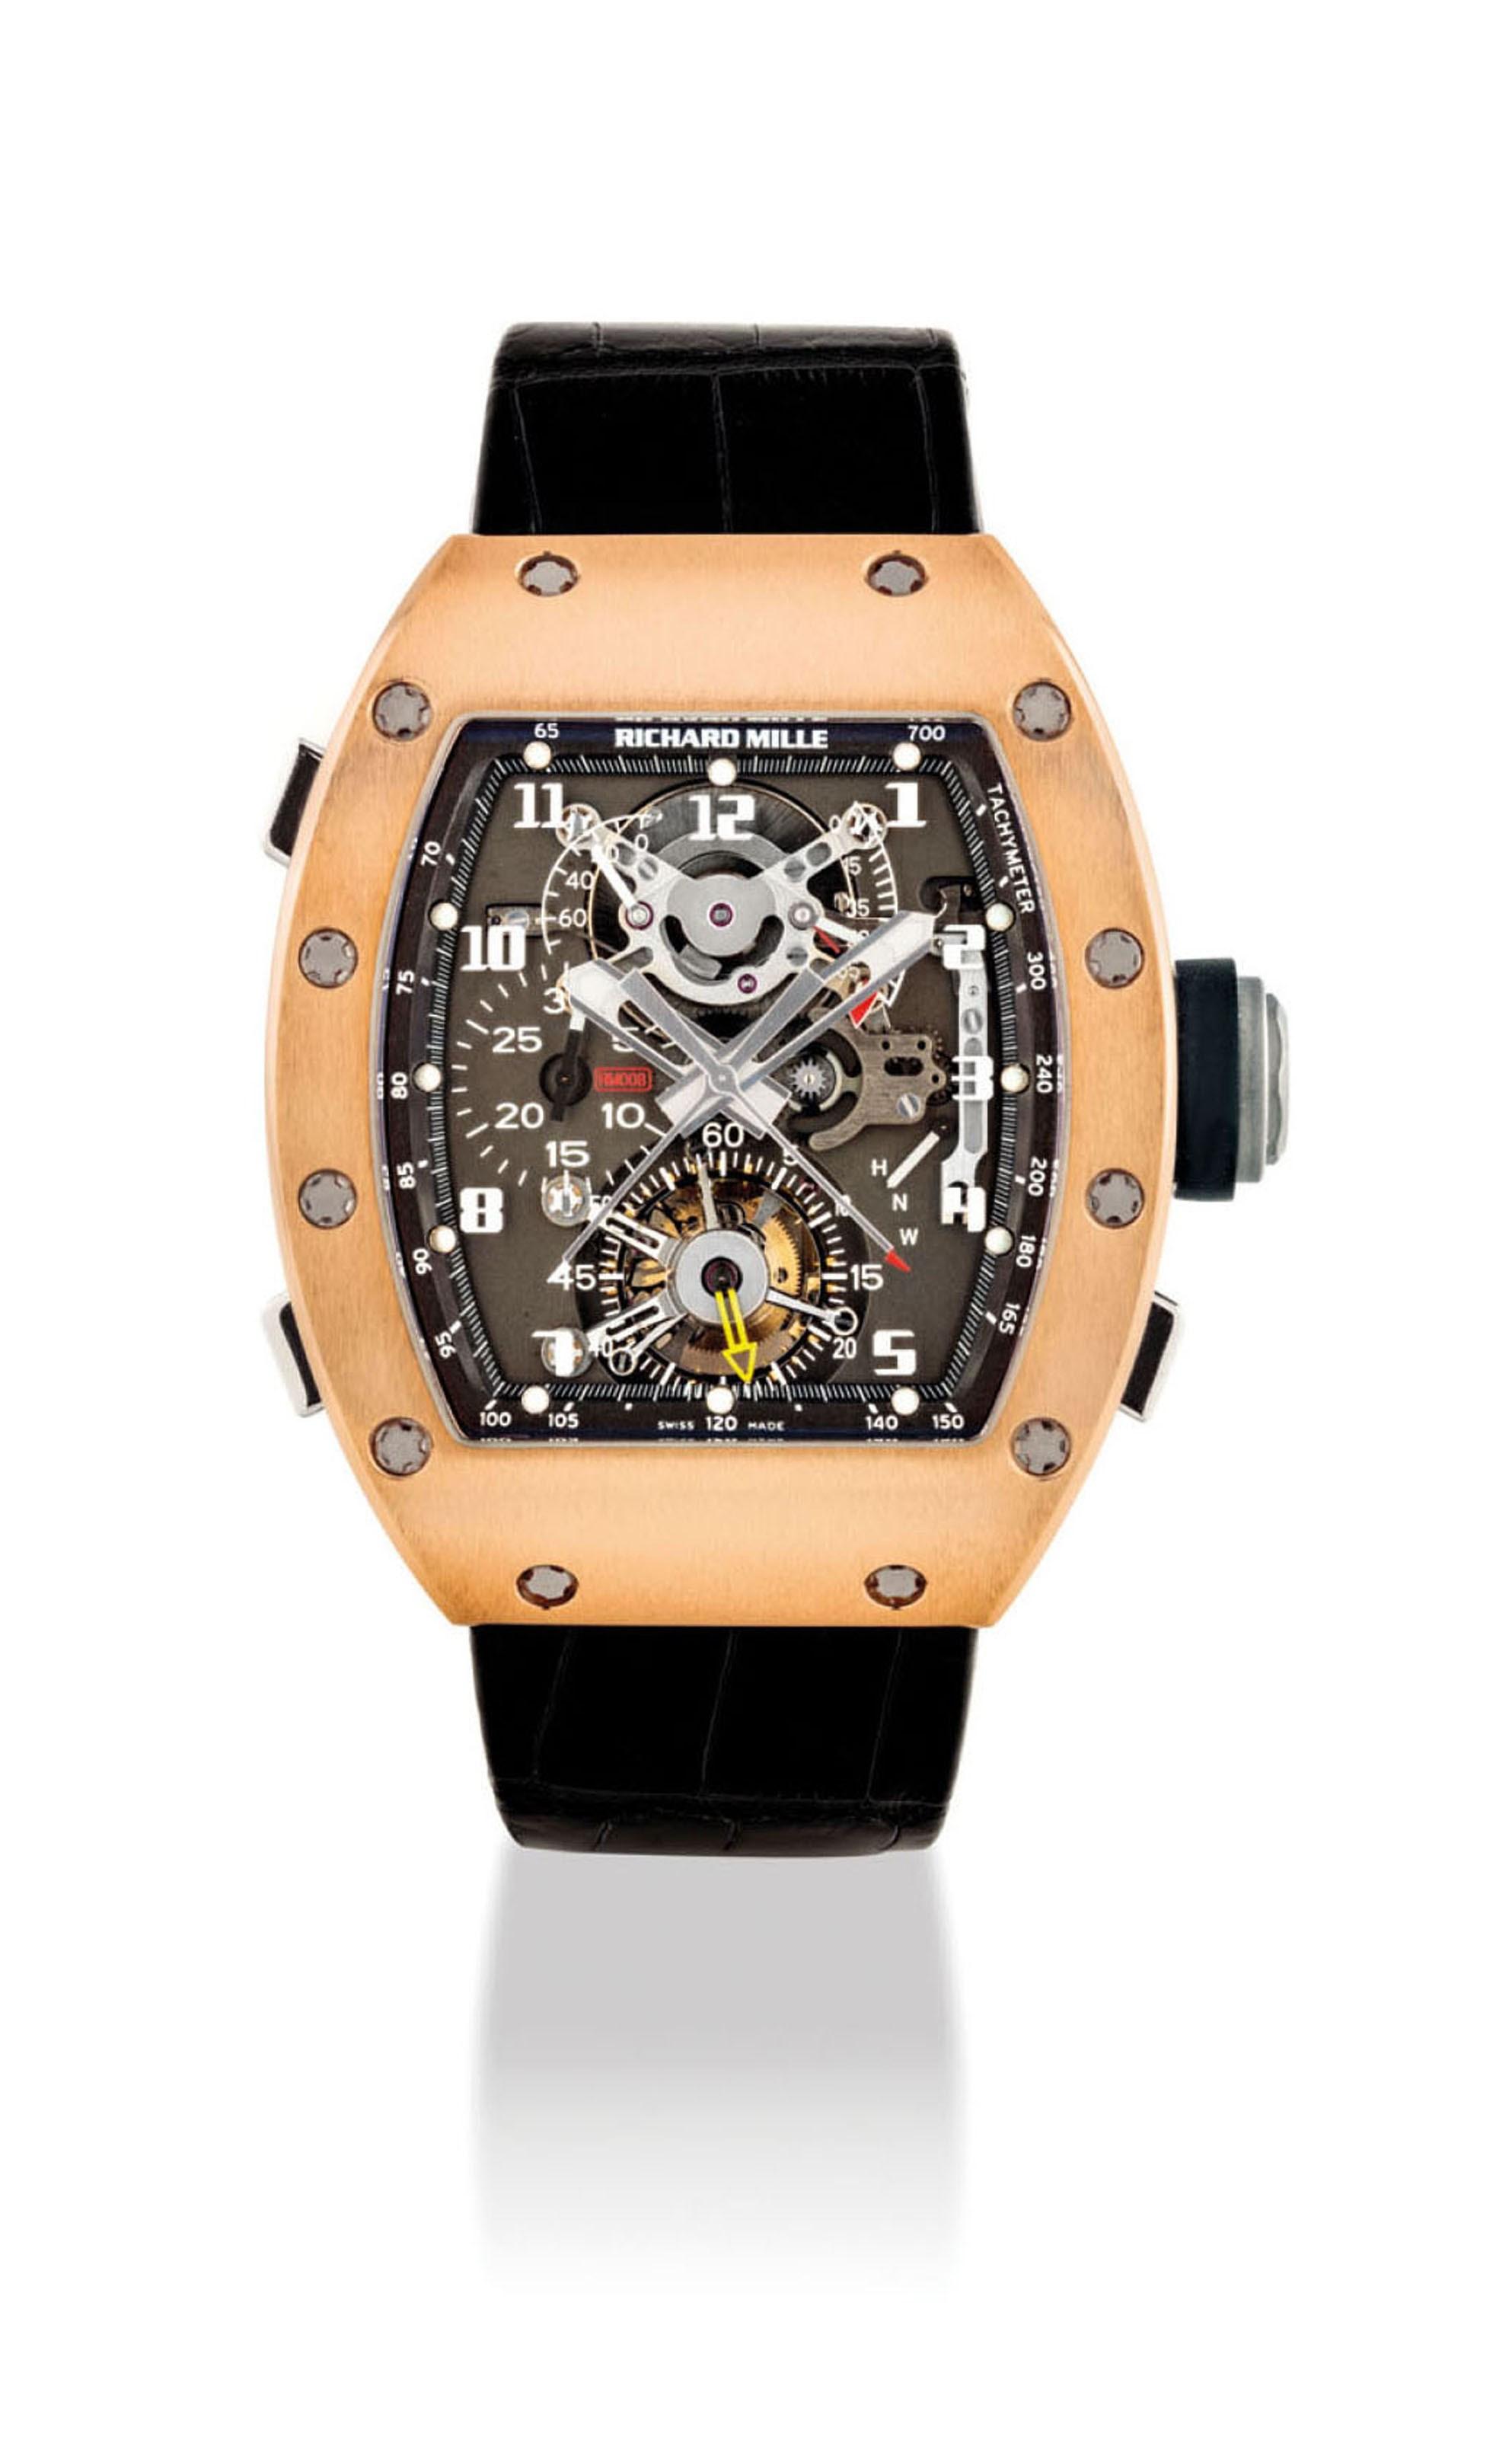 Richard Mille,18K红金酒桶形腕表,配追针计时功能、陀飞轮、动力储存及扭力显示,编号 1,型号RM008 AE PG,约2008 年制。2018年5月28日于佳士得香港售出,成交价3,940,000港元